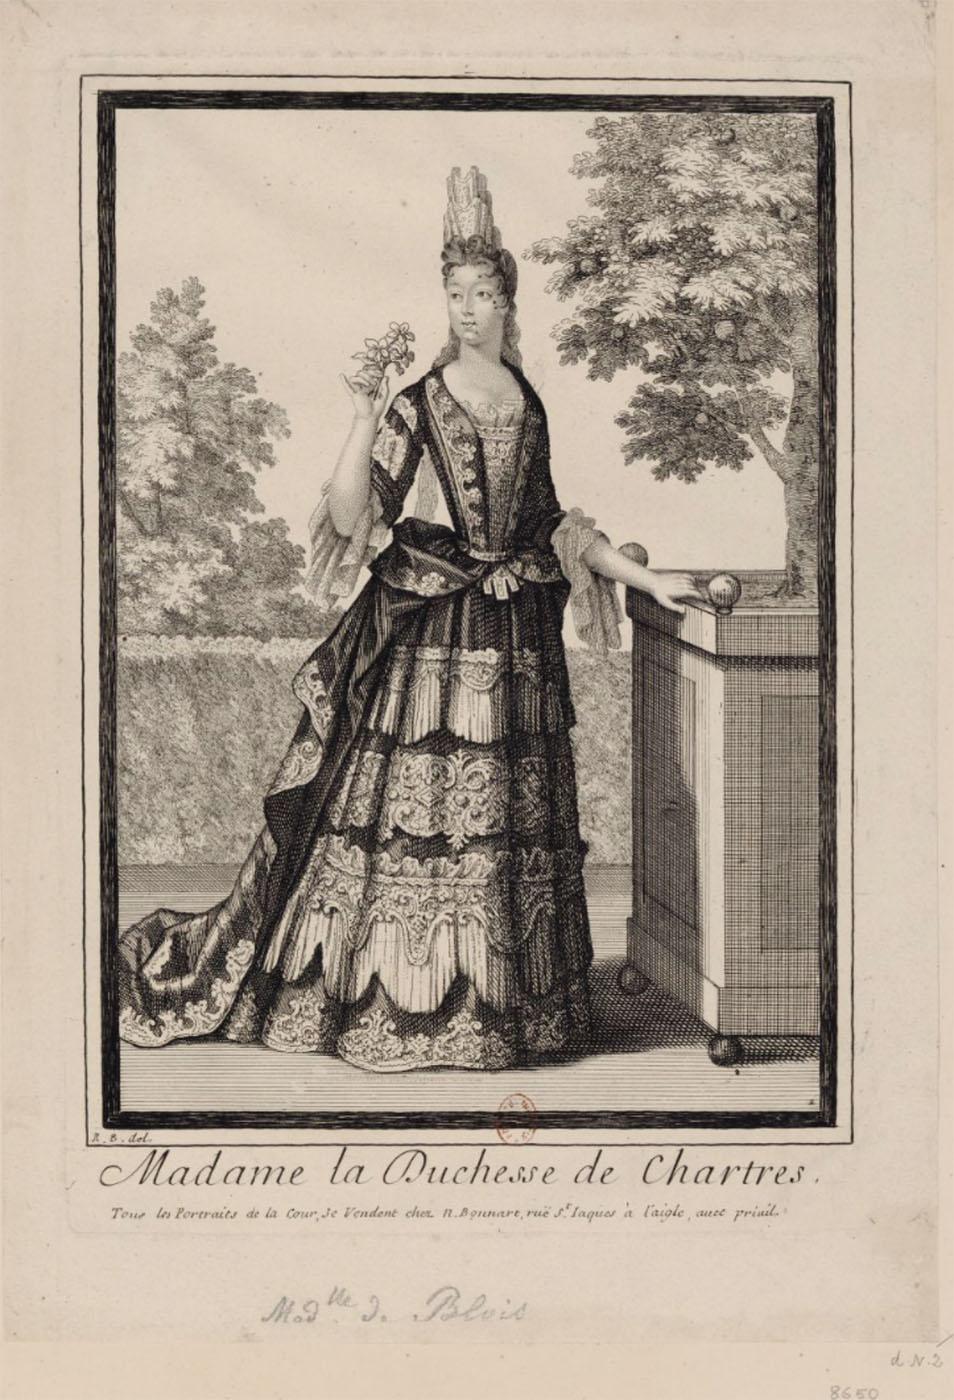 Robert Bonart. La señora duquesa de Chartres.